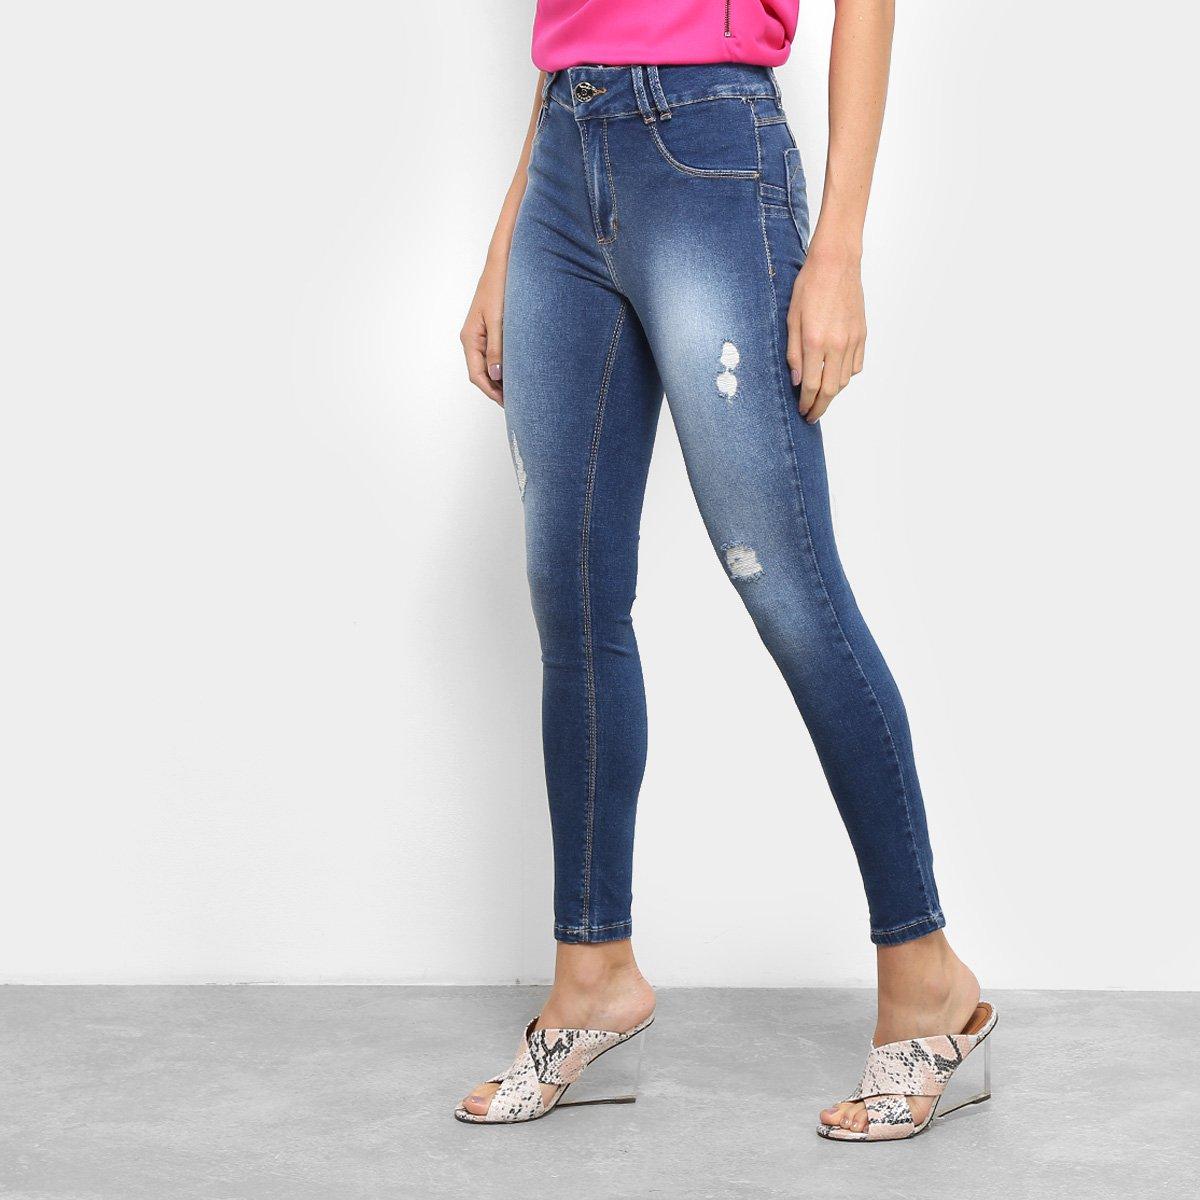 30e3ecfb0 Calça Jeans Skinny Sawary Estonada Rasgos Cintura Média Feminina